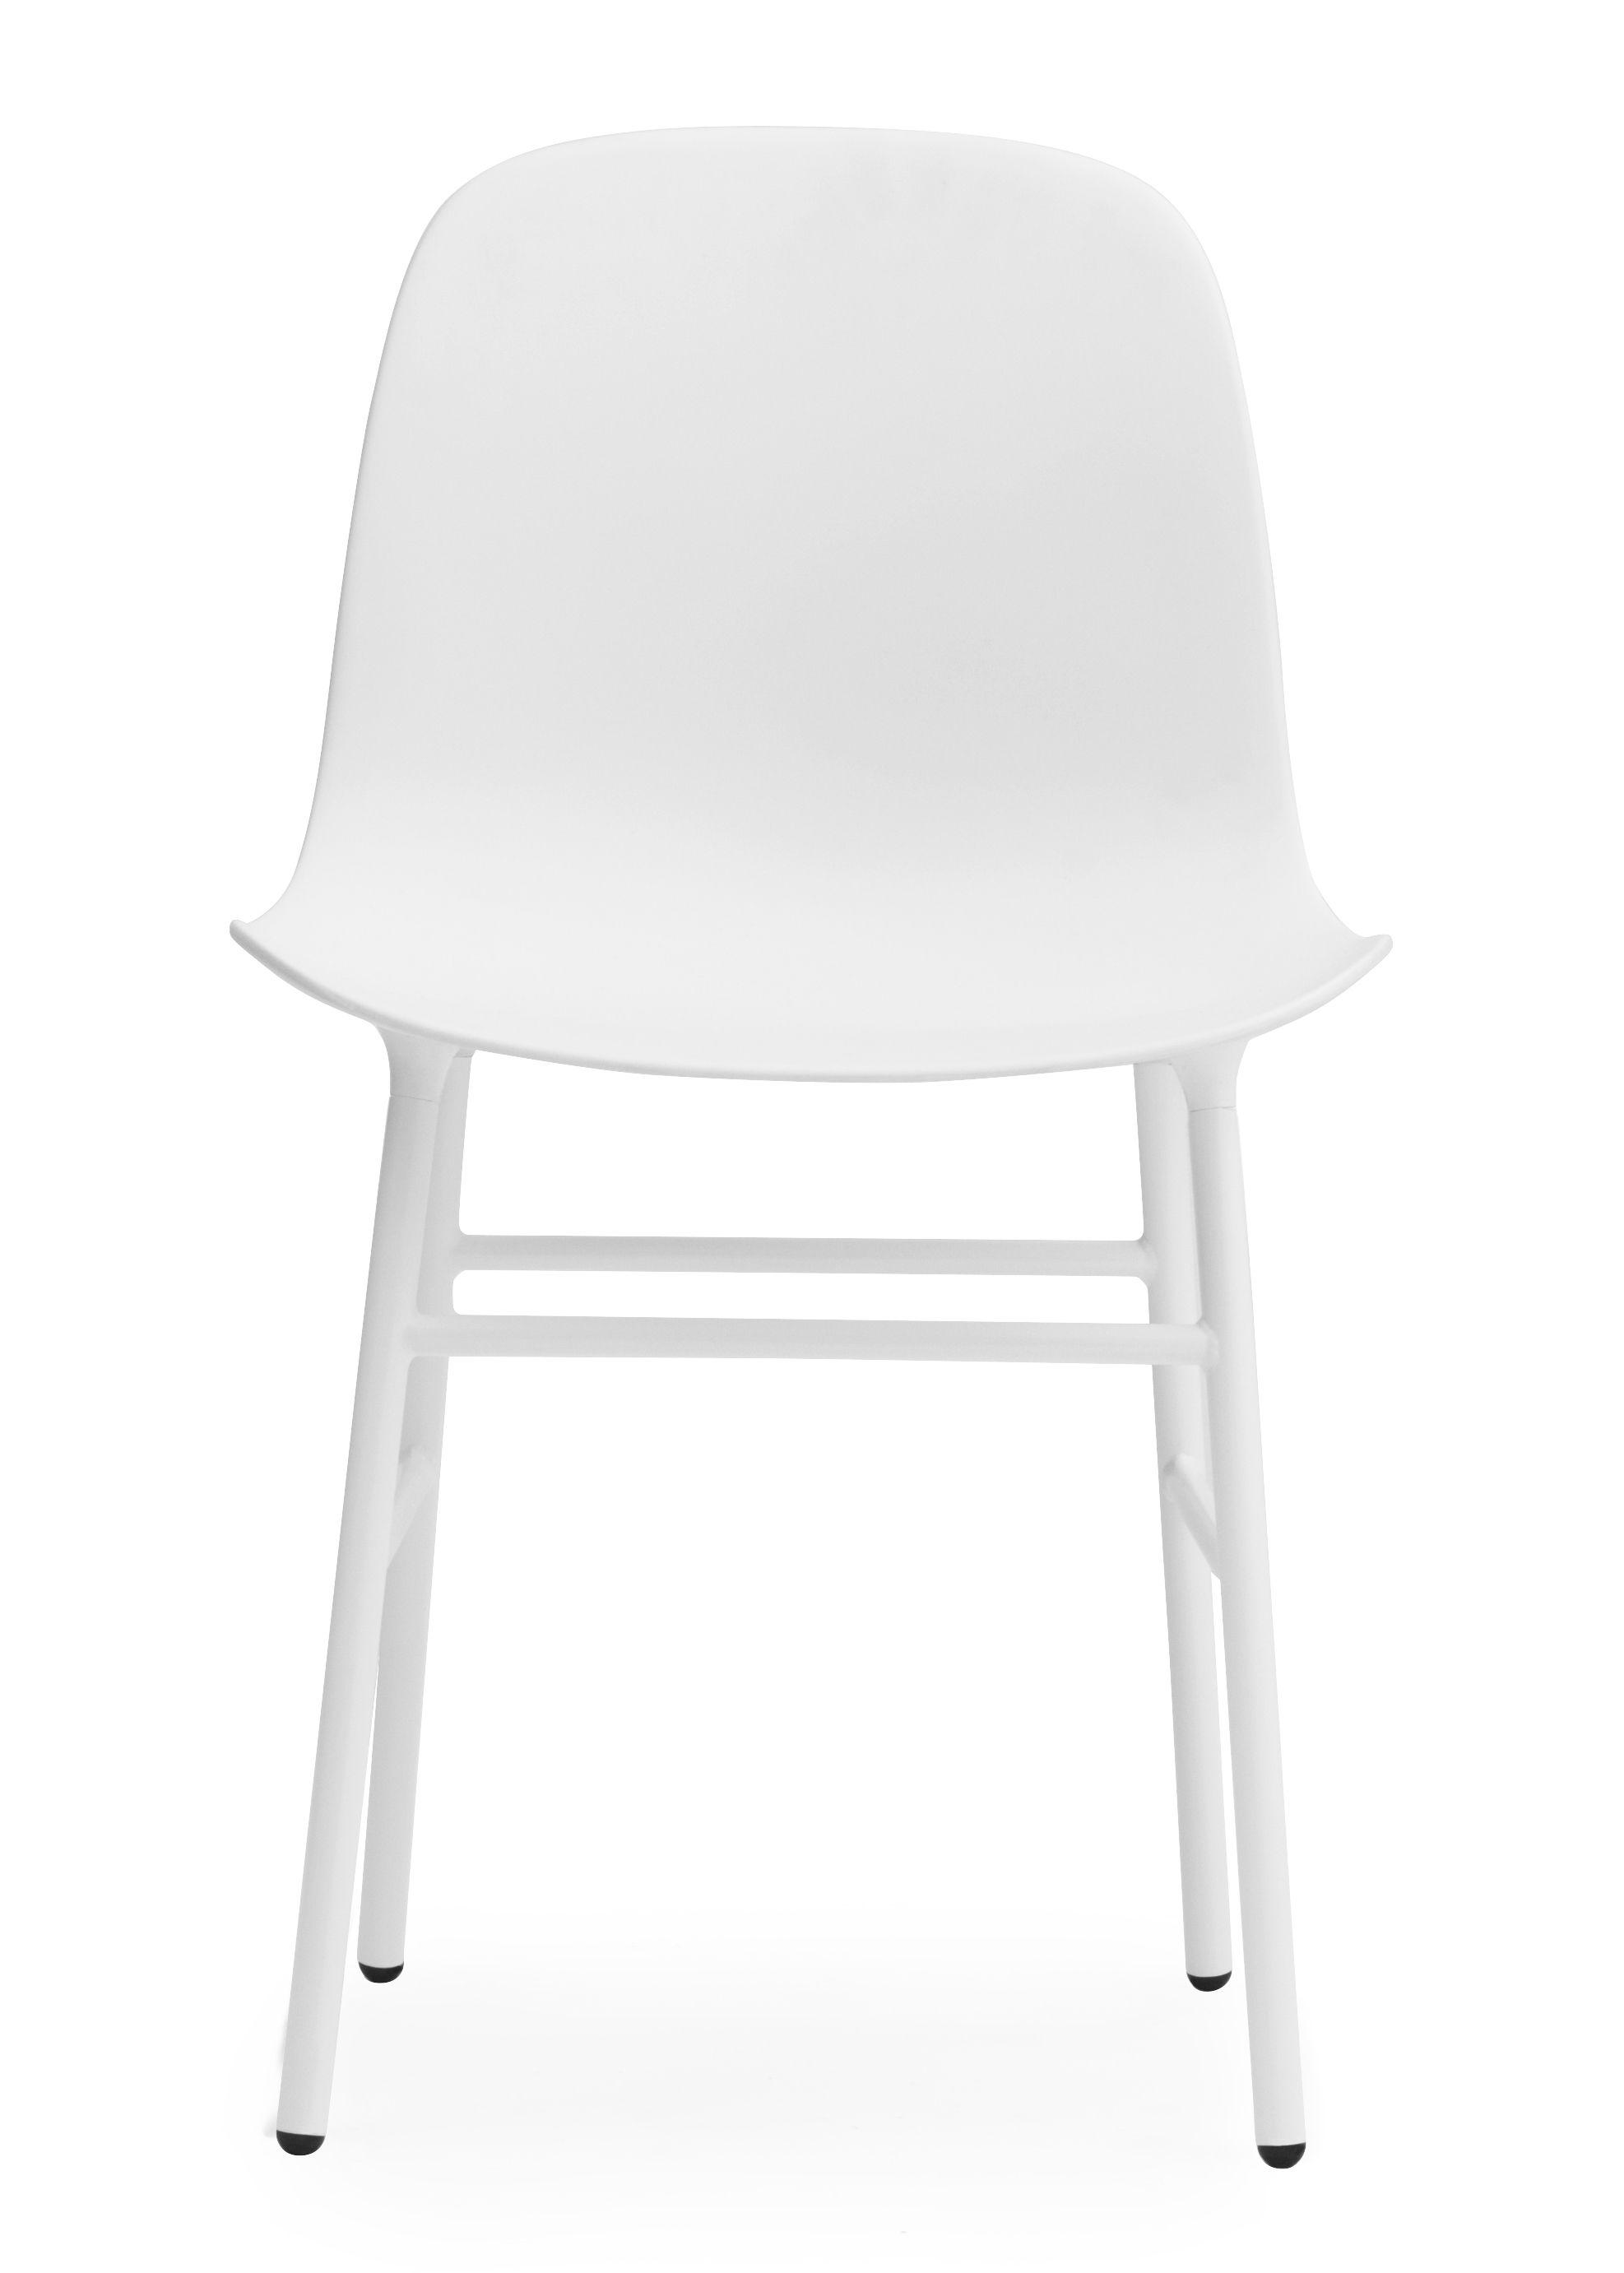 form stuhlbeine aus metall normann copenhagen stuhl. Black Bedroom Furniture Sets. Home Design Ideas